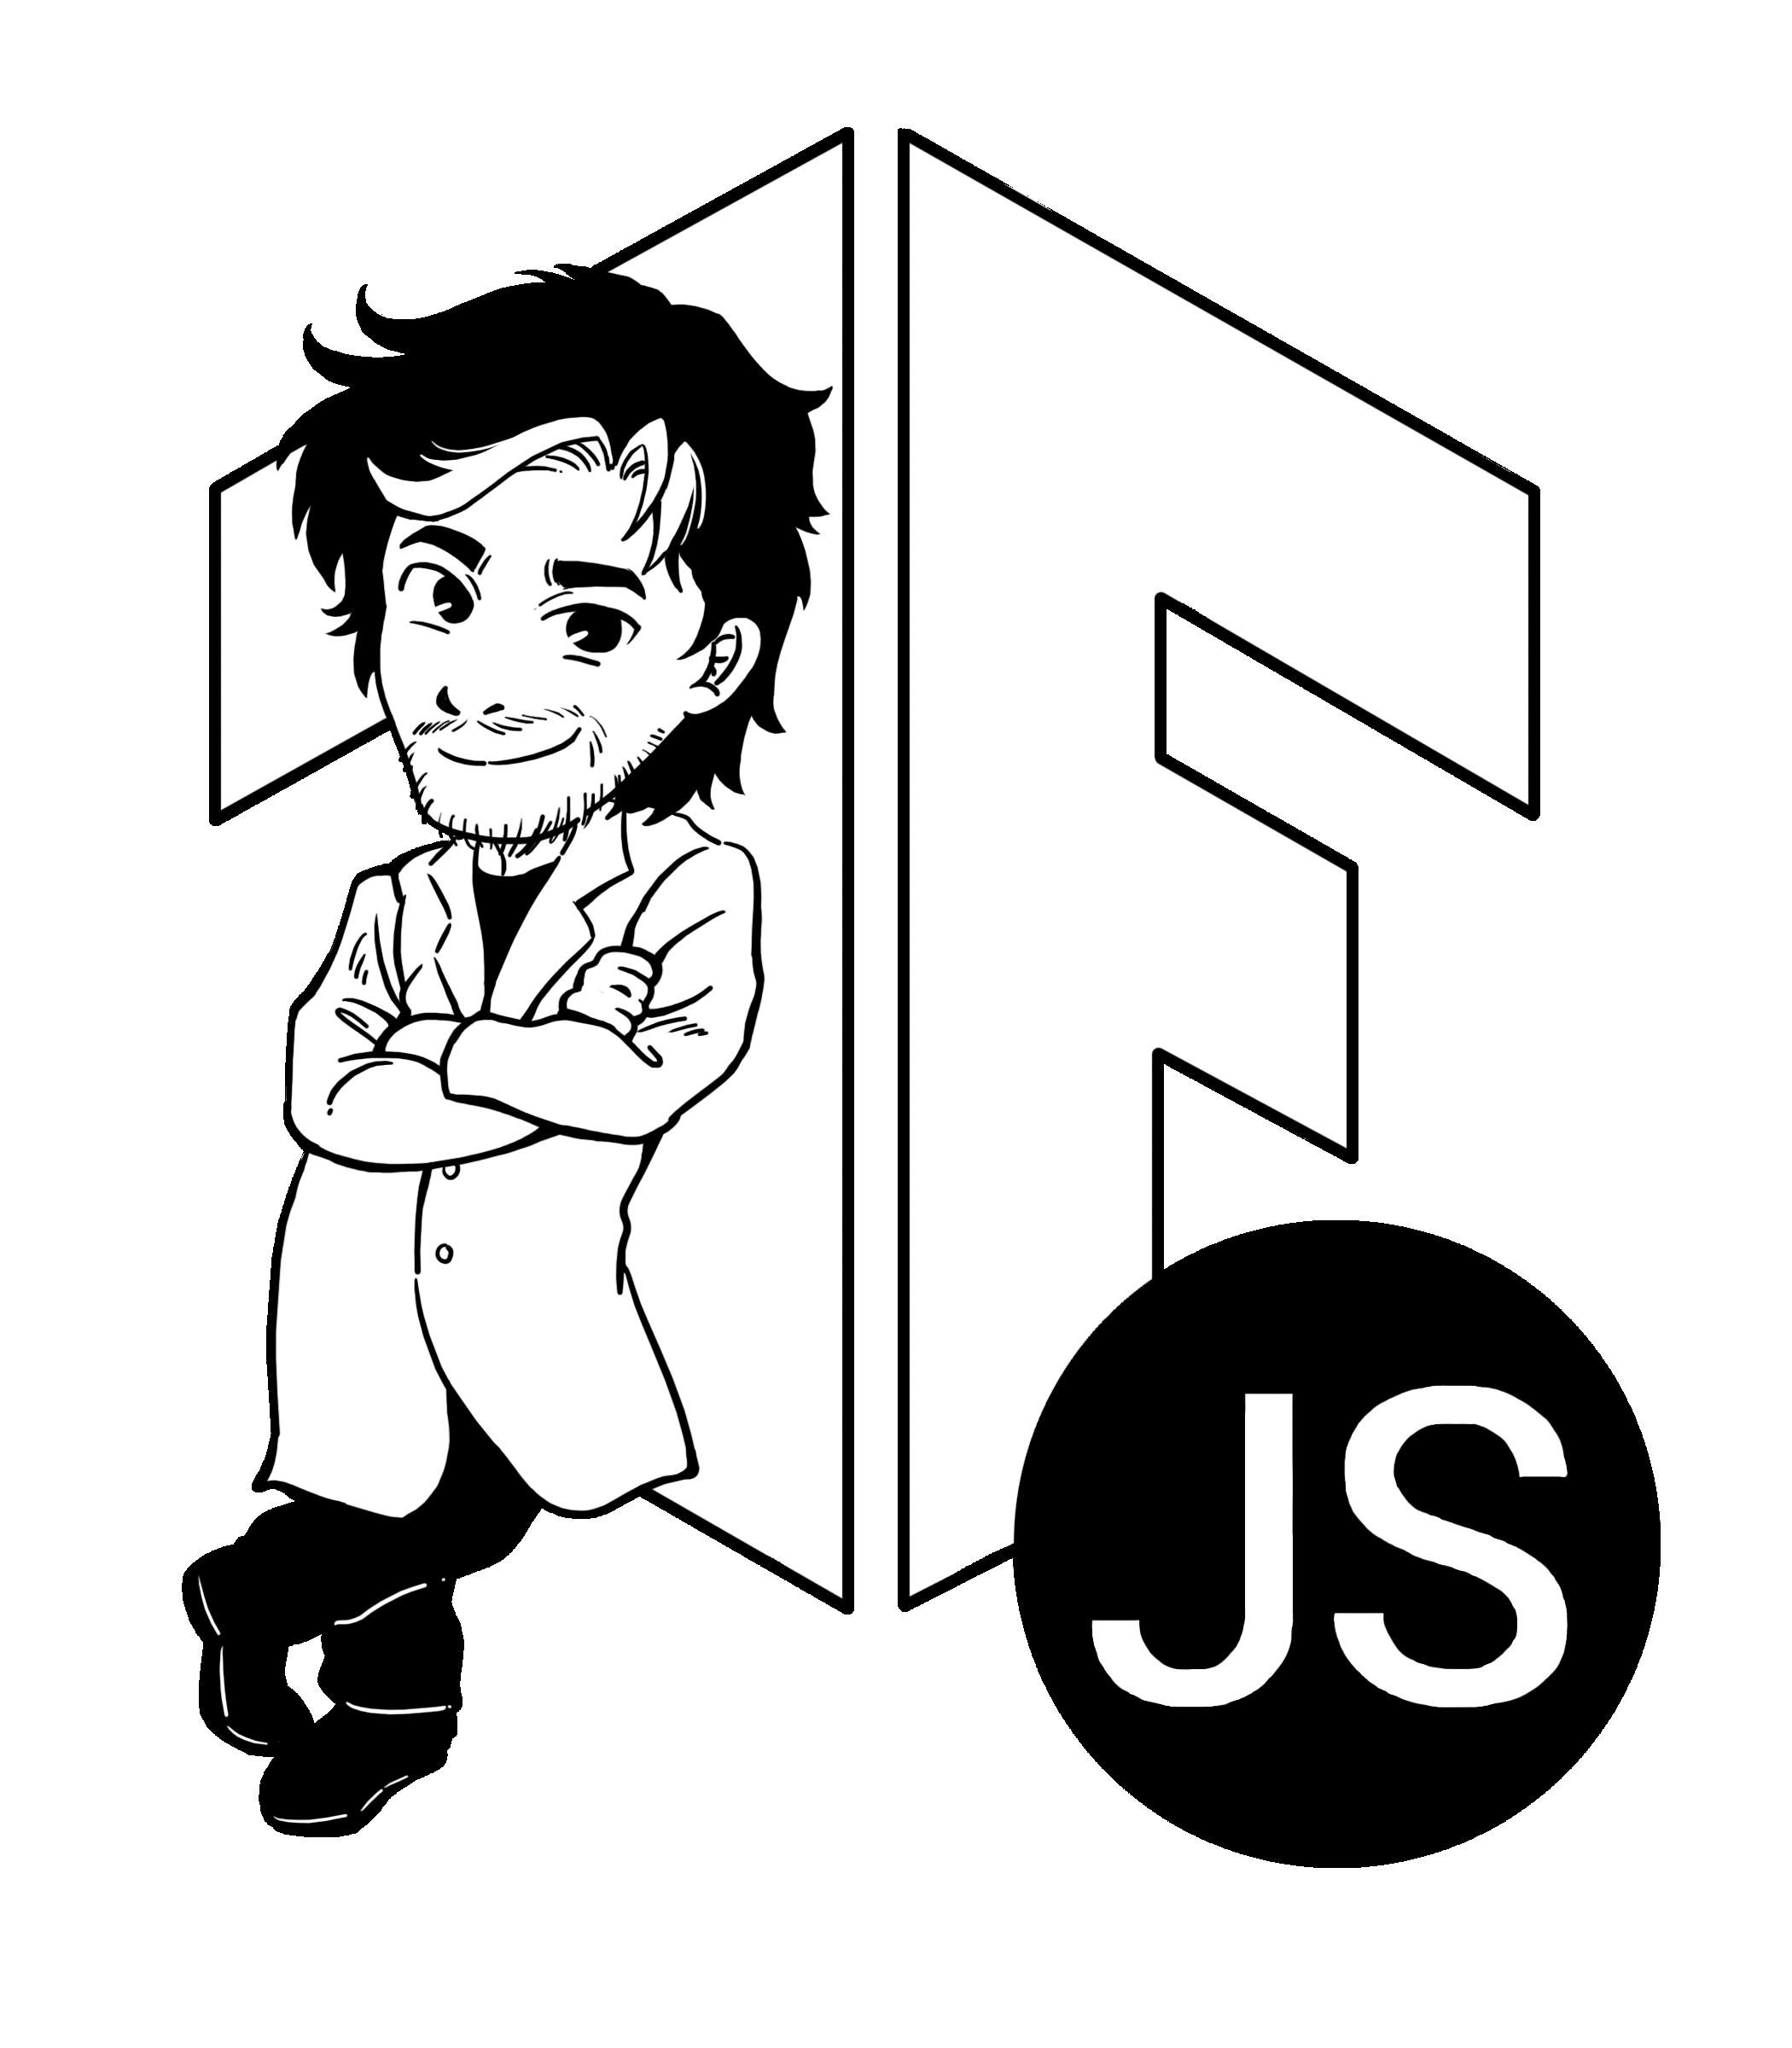 Gant Laborde TensorFlow.js logo